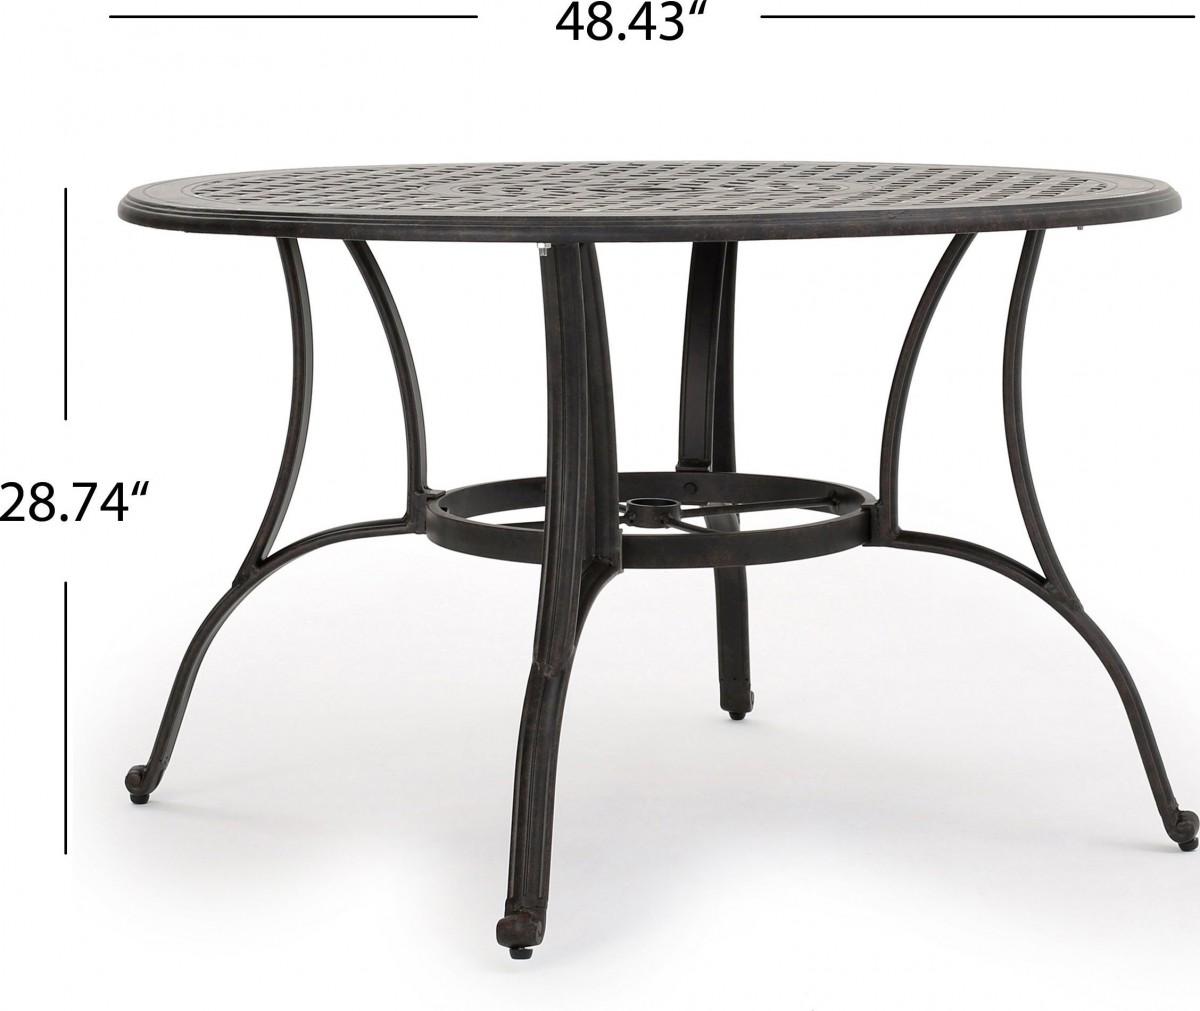 Cast Aluminum Table Legs Choice Image Bar Height Dining